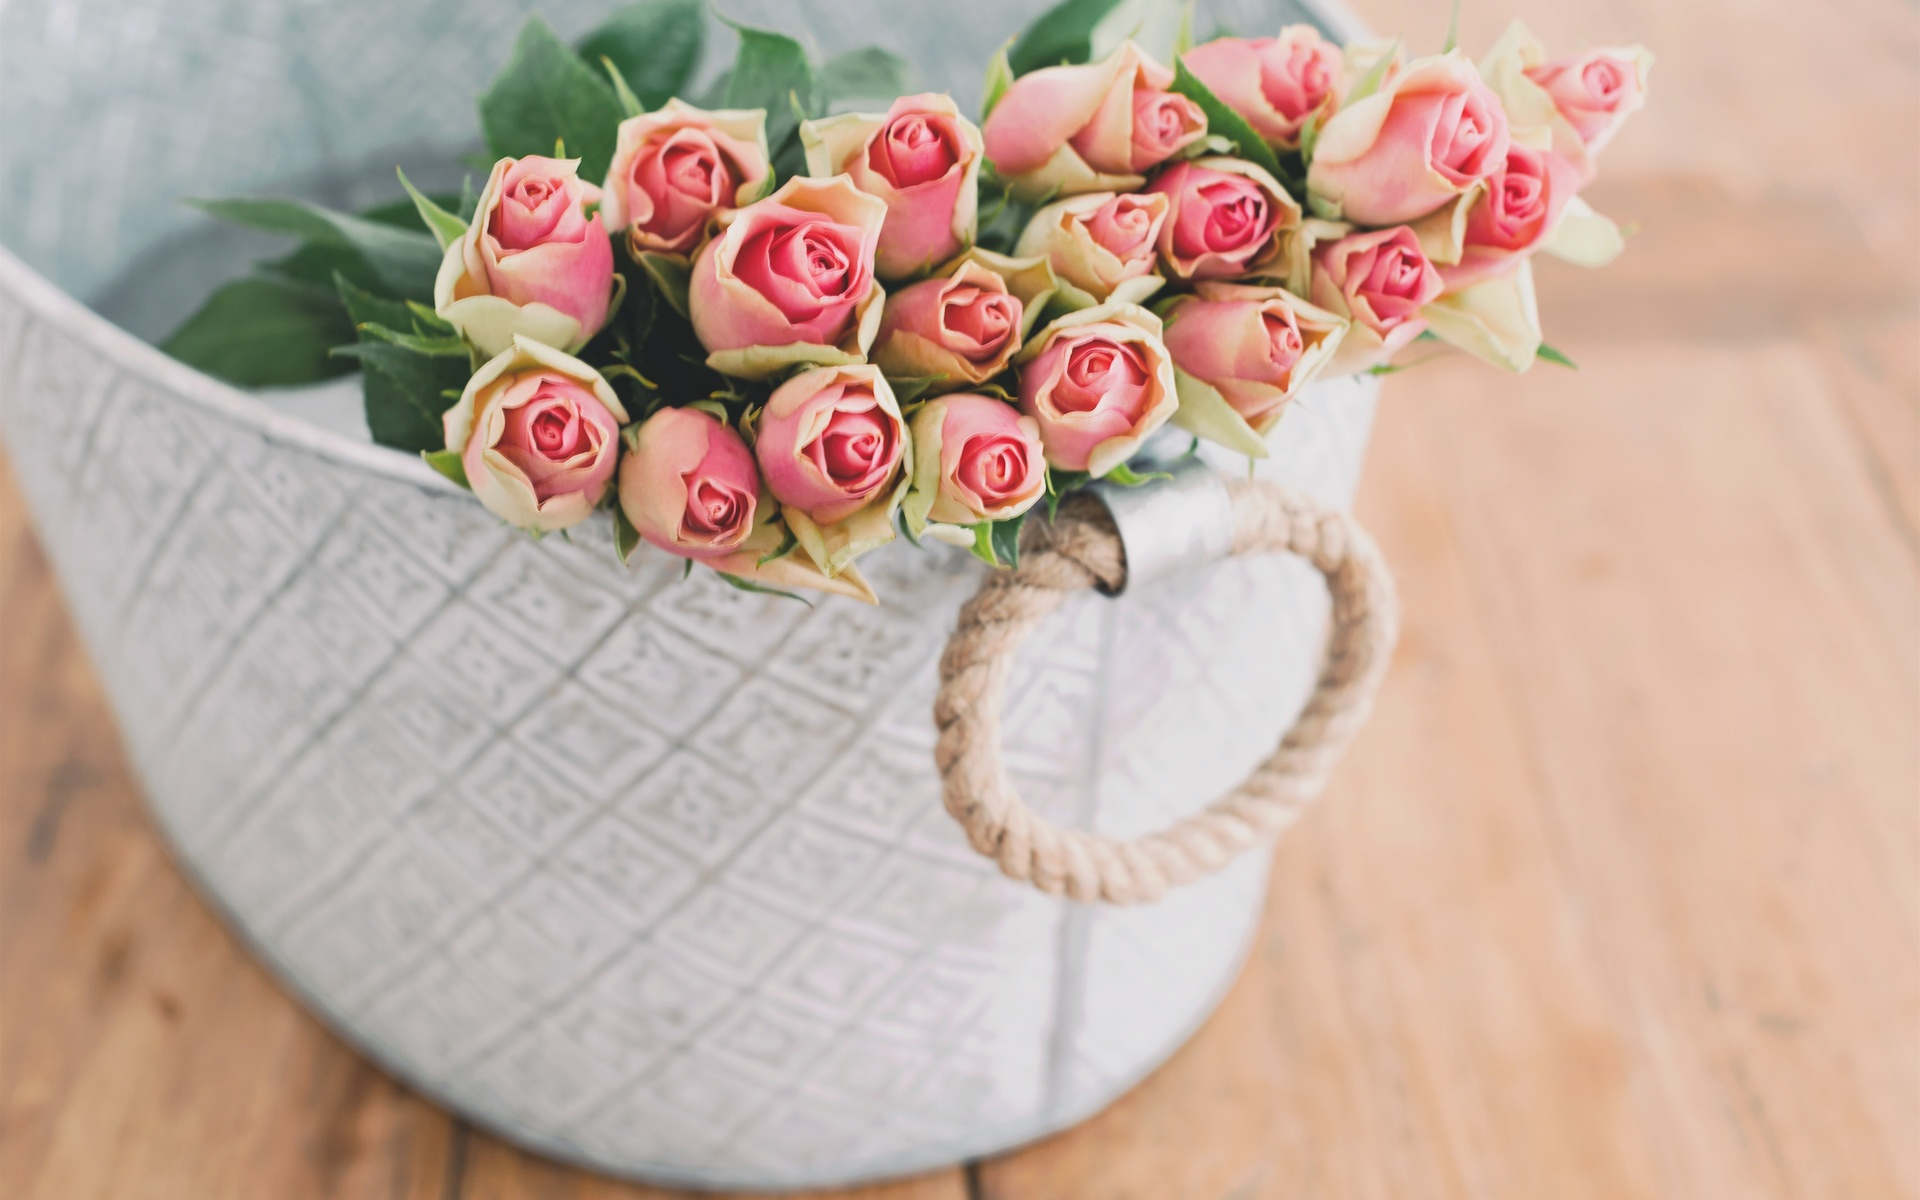 доски, коробка, цветы, розы